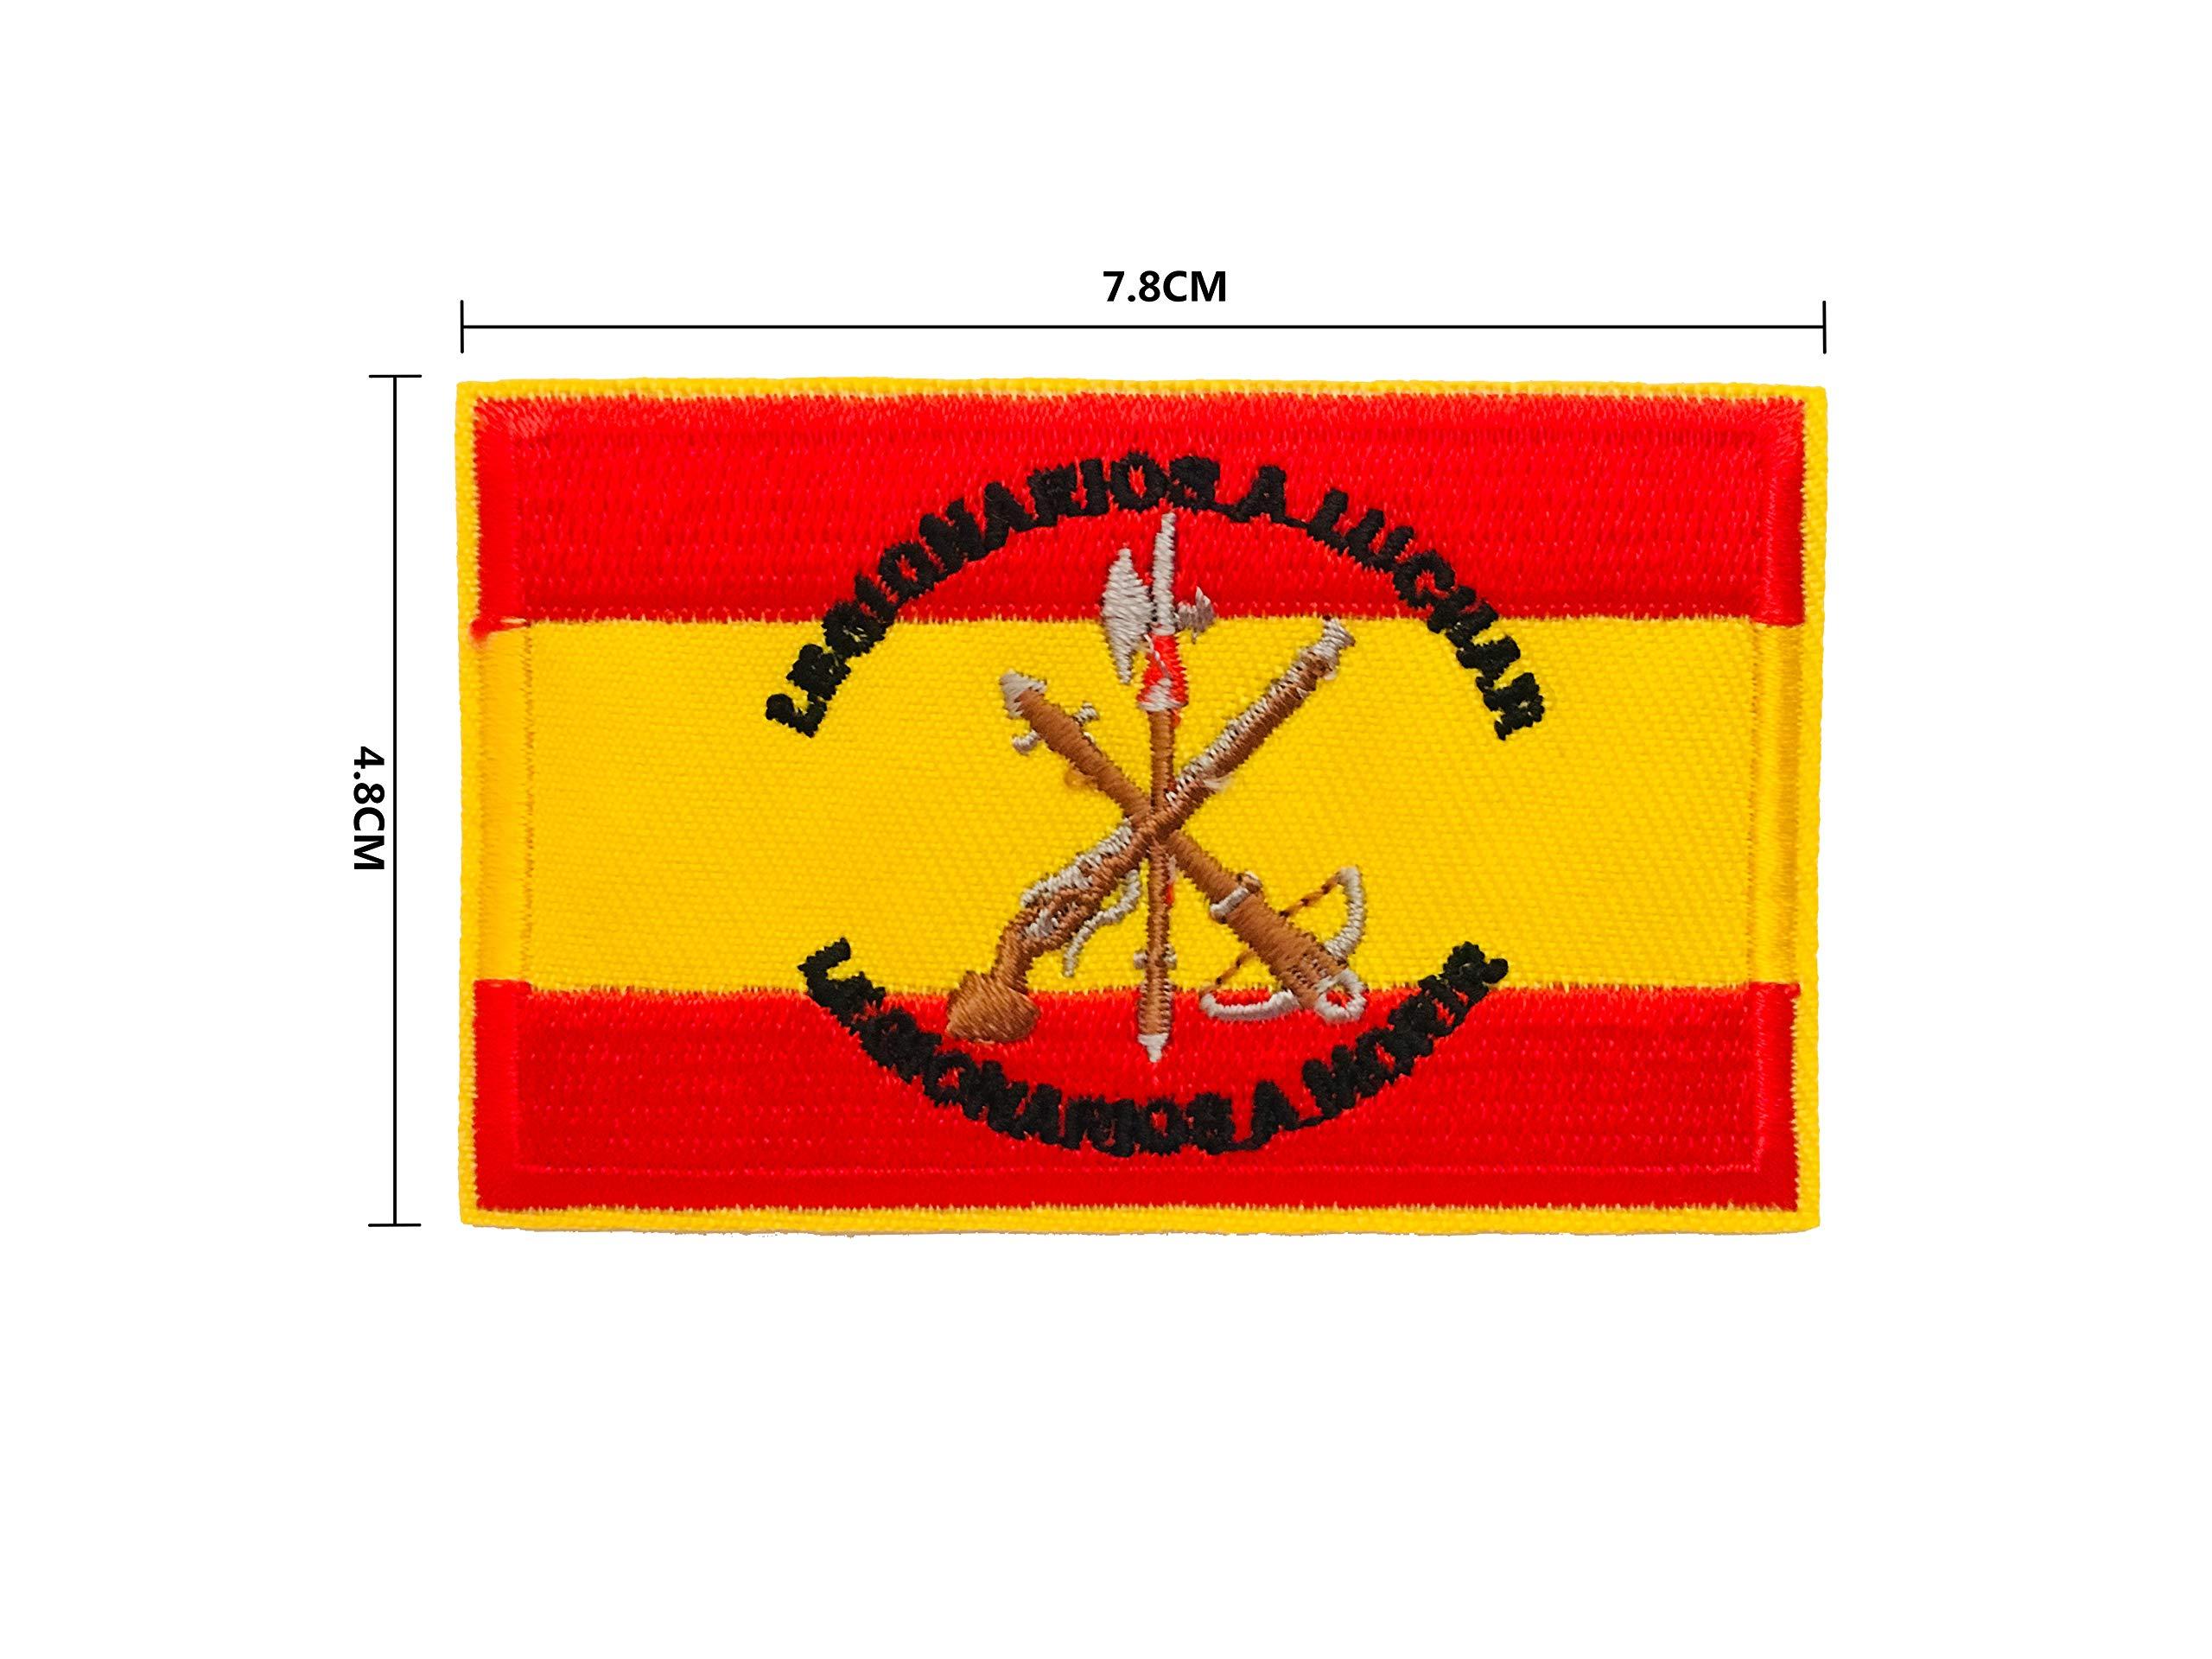 BANDERA DEL PARCHE BORDADO PARA PLANCHAR O COSER (Legión Española ...